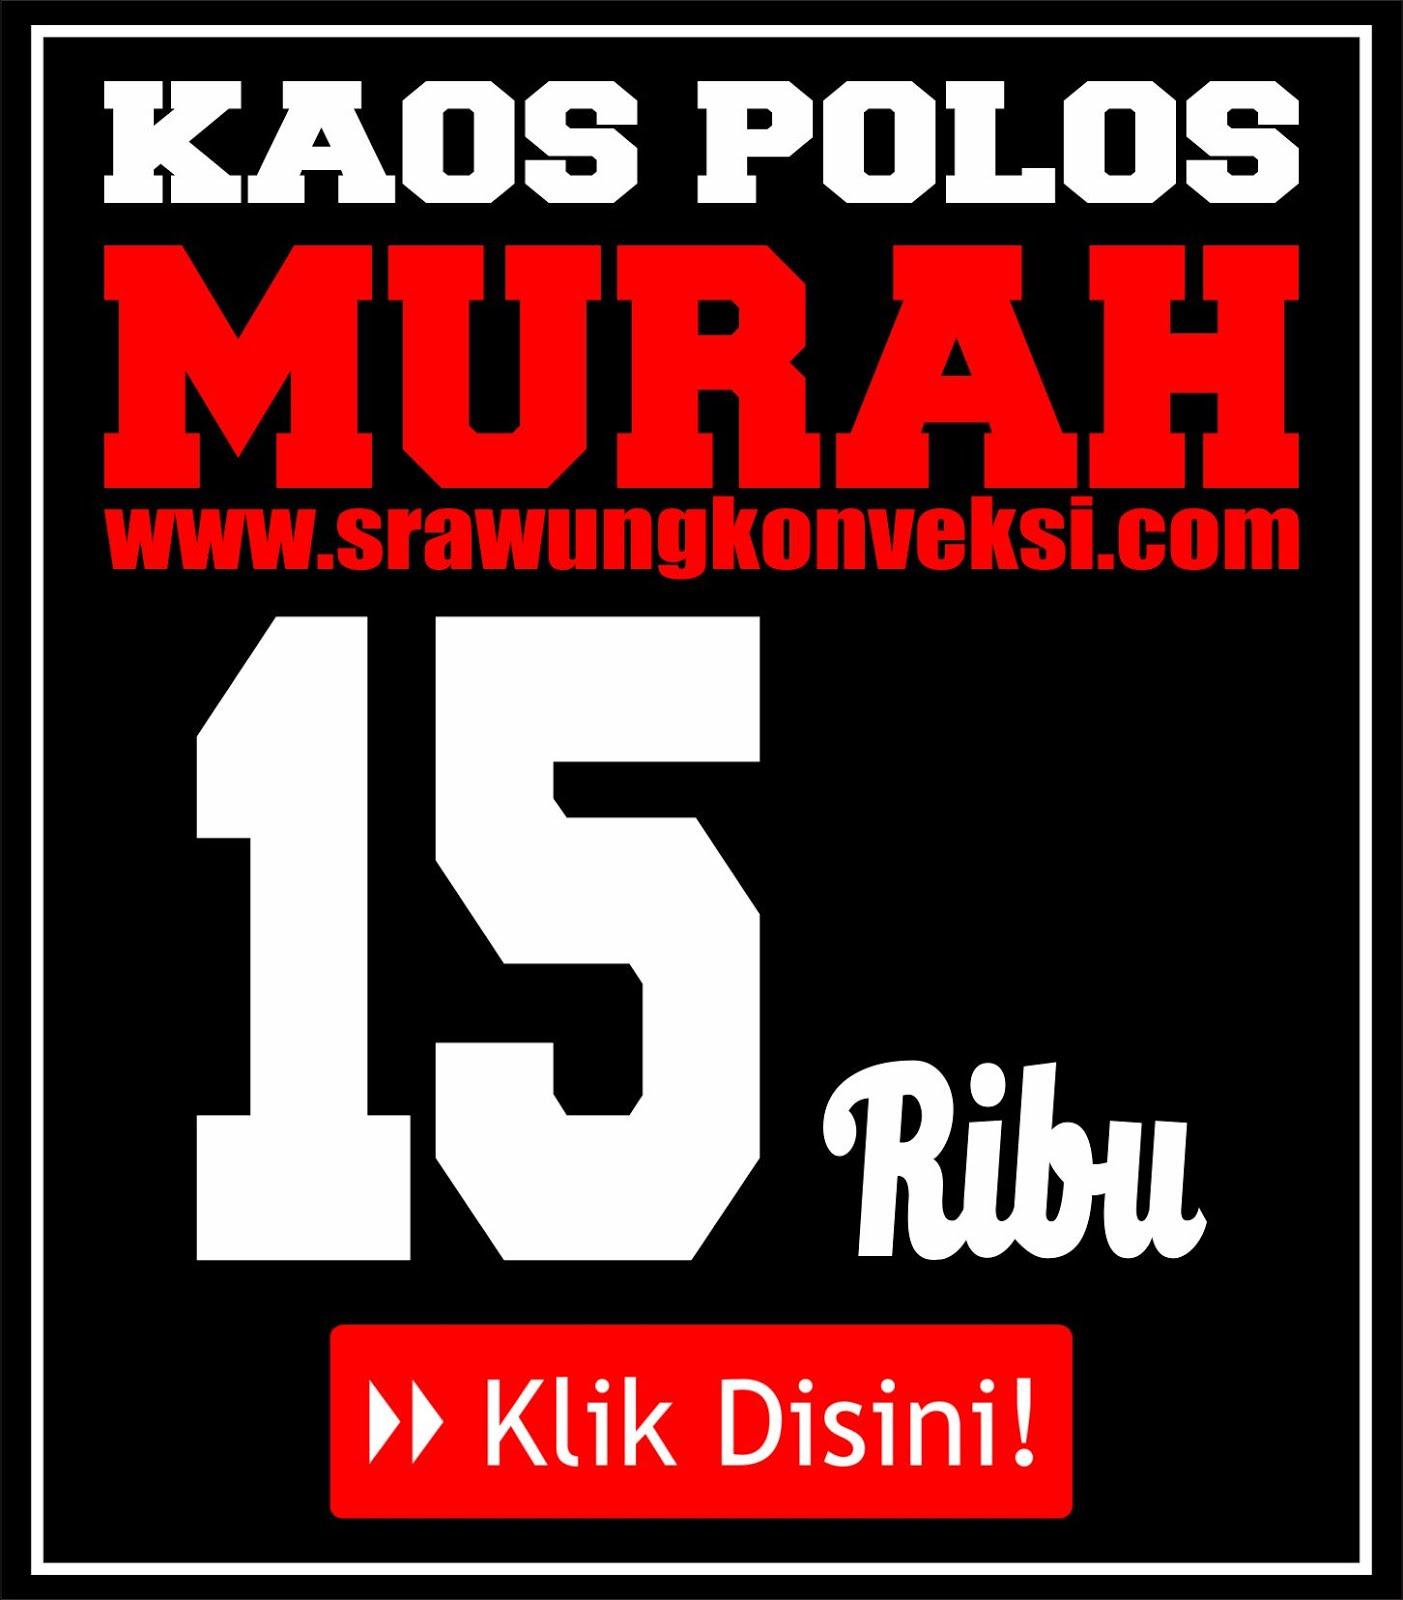 Kaos Polos Murah !!